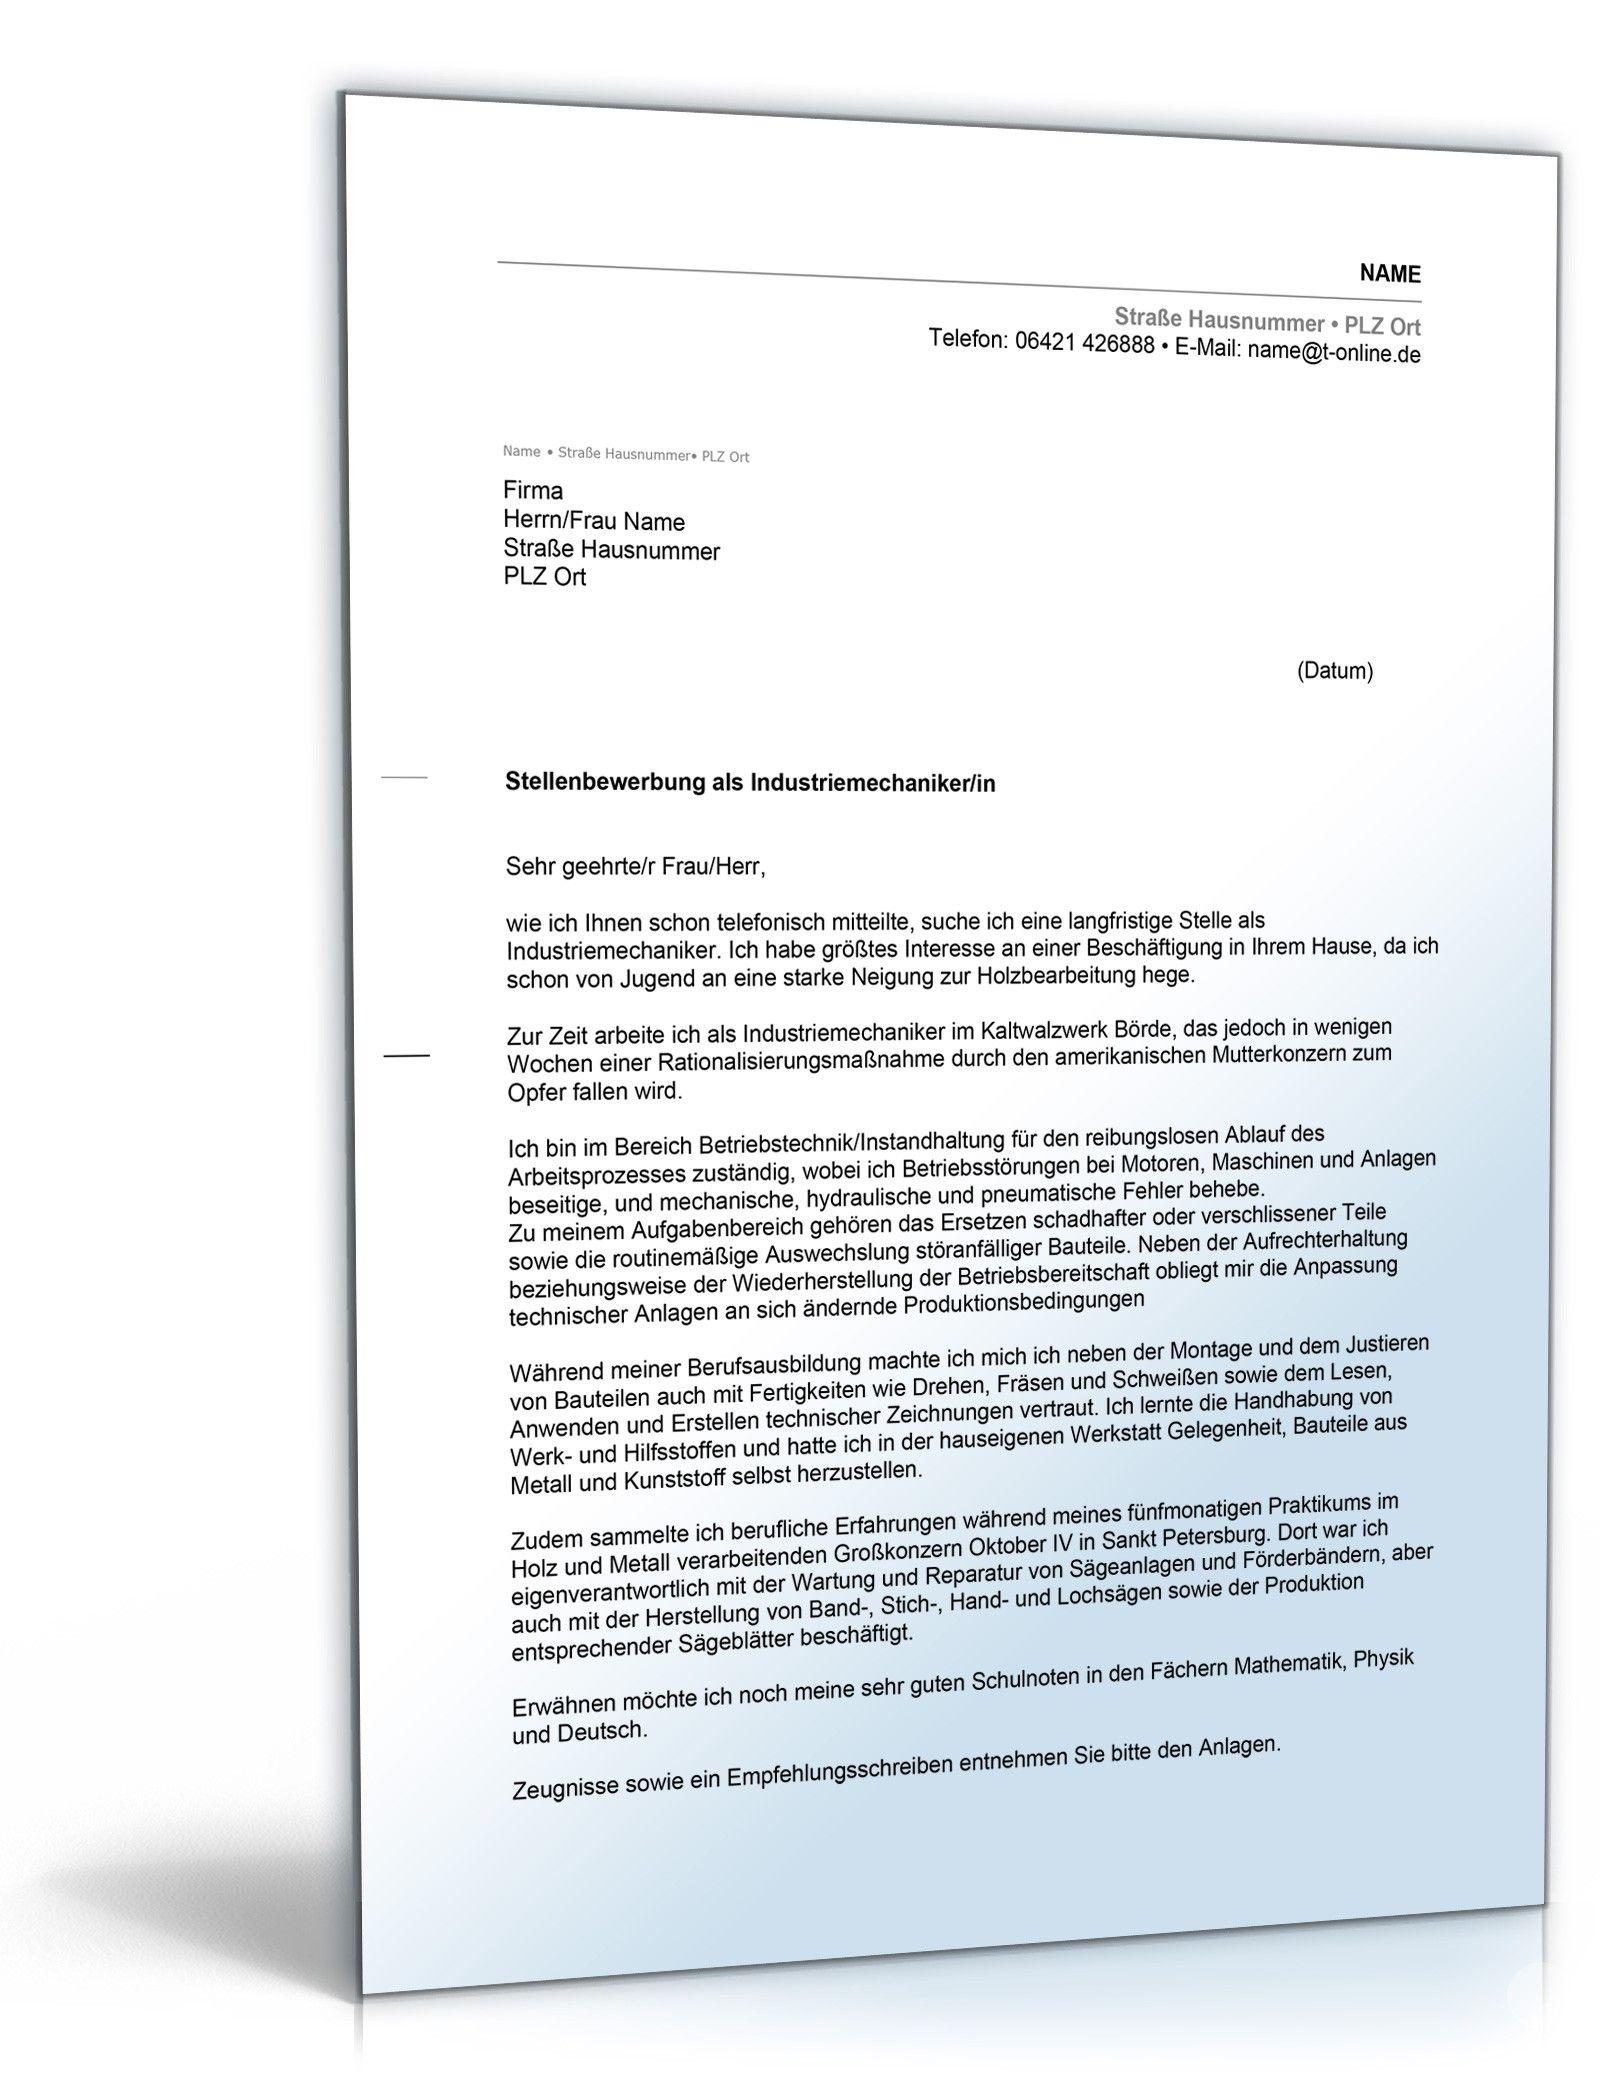 Neu Motivationsschreiben Verfassungsschutz Briefprobe Briefformat Briefvorlage Lebenslauf Vorlagen Lebenslauf Briefvorlagen